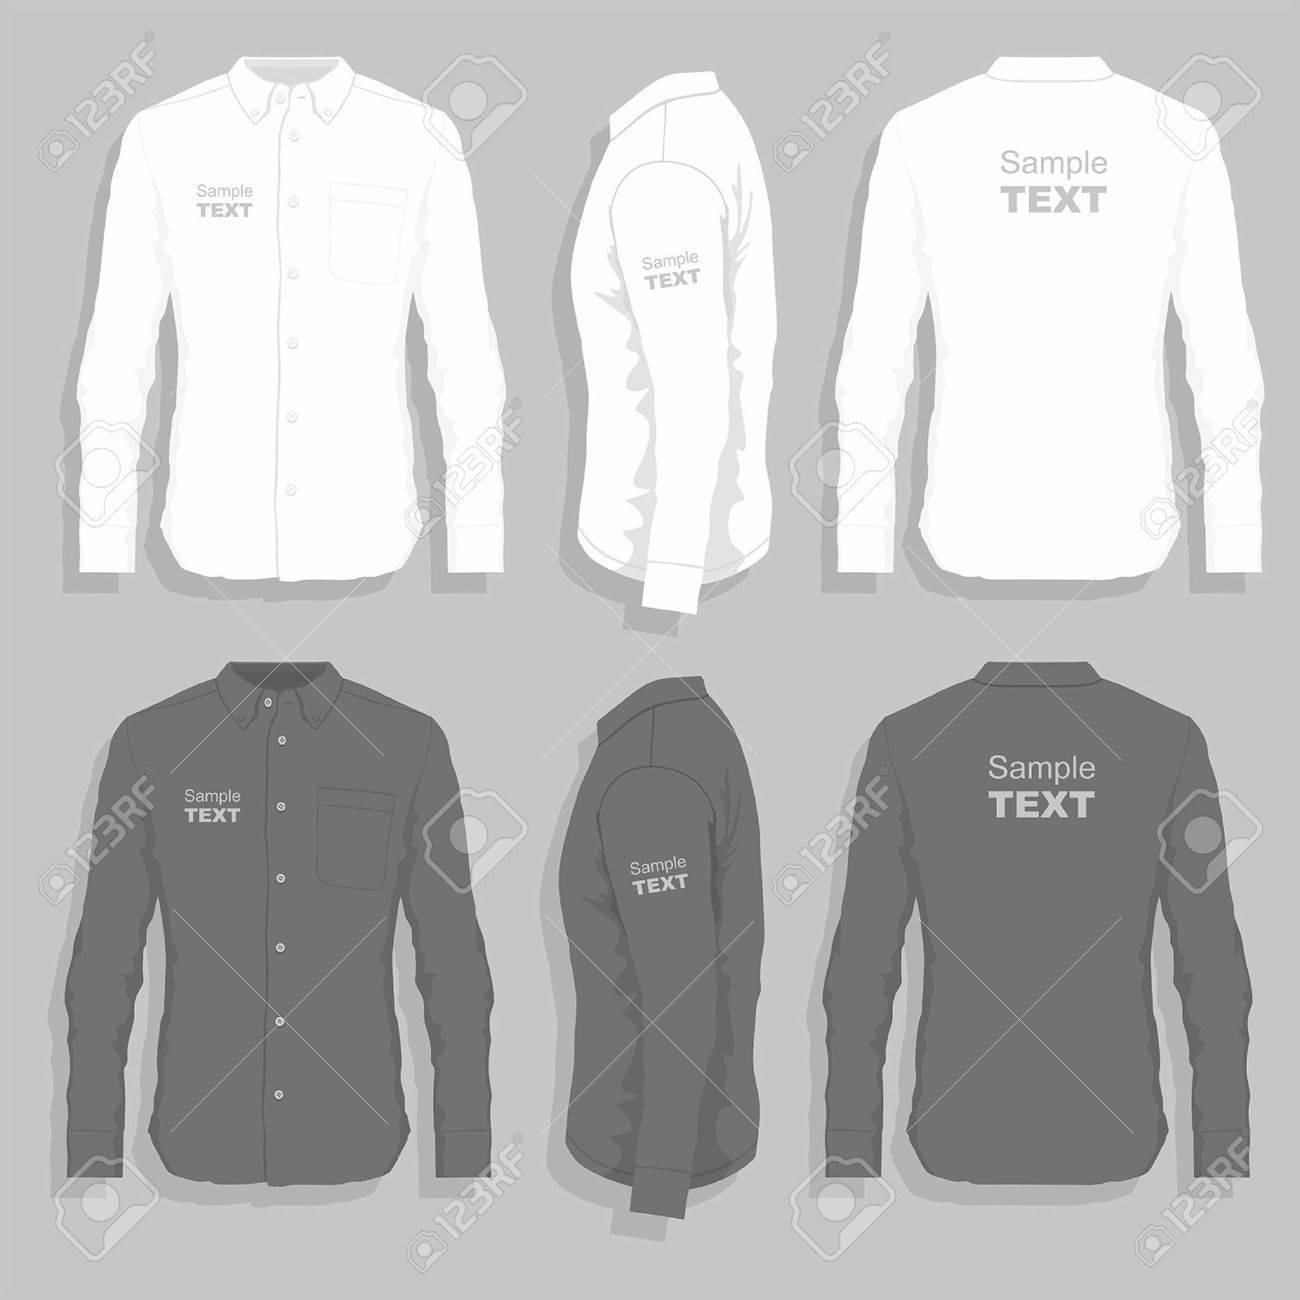 dress shirts - 39344887